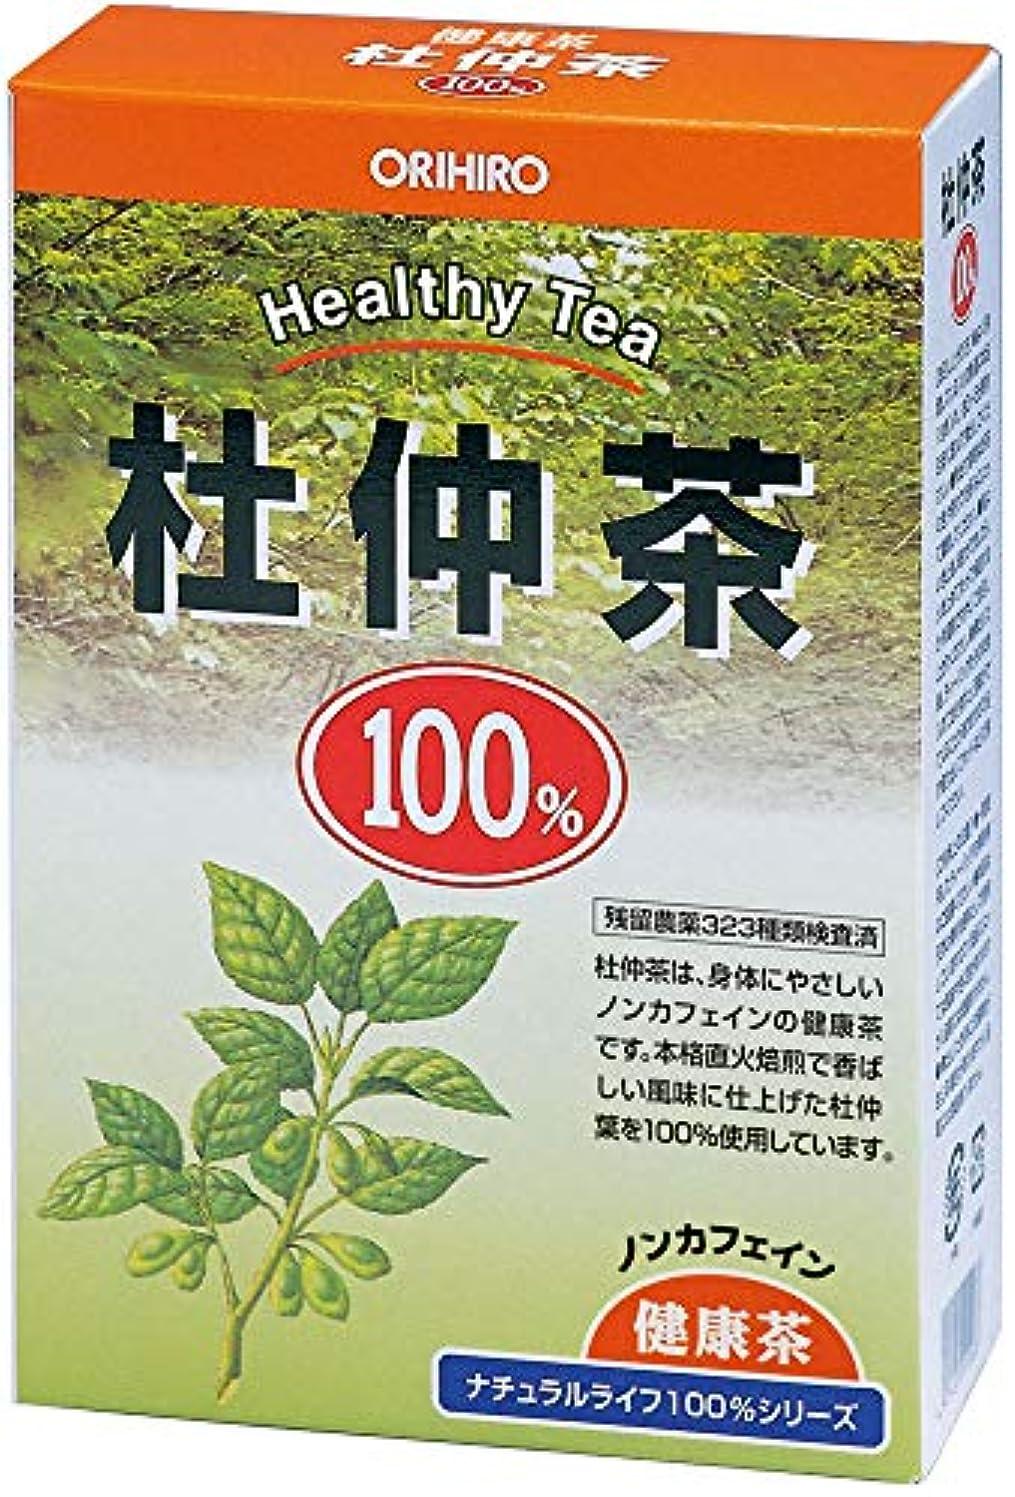 ラボ低下クールオリヒロ NLティー100% 杜仲茶